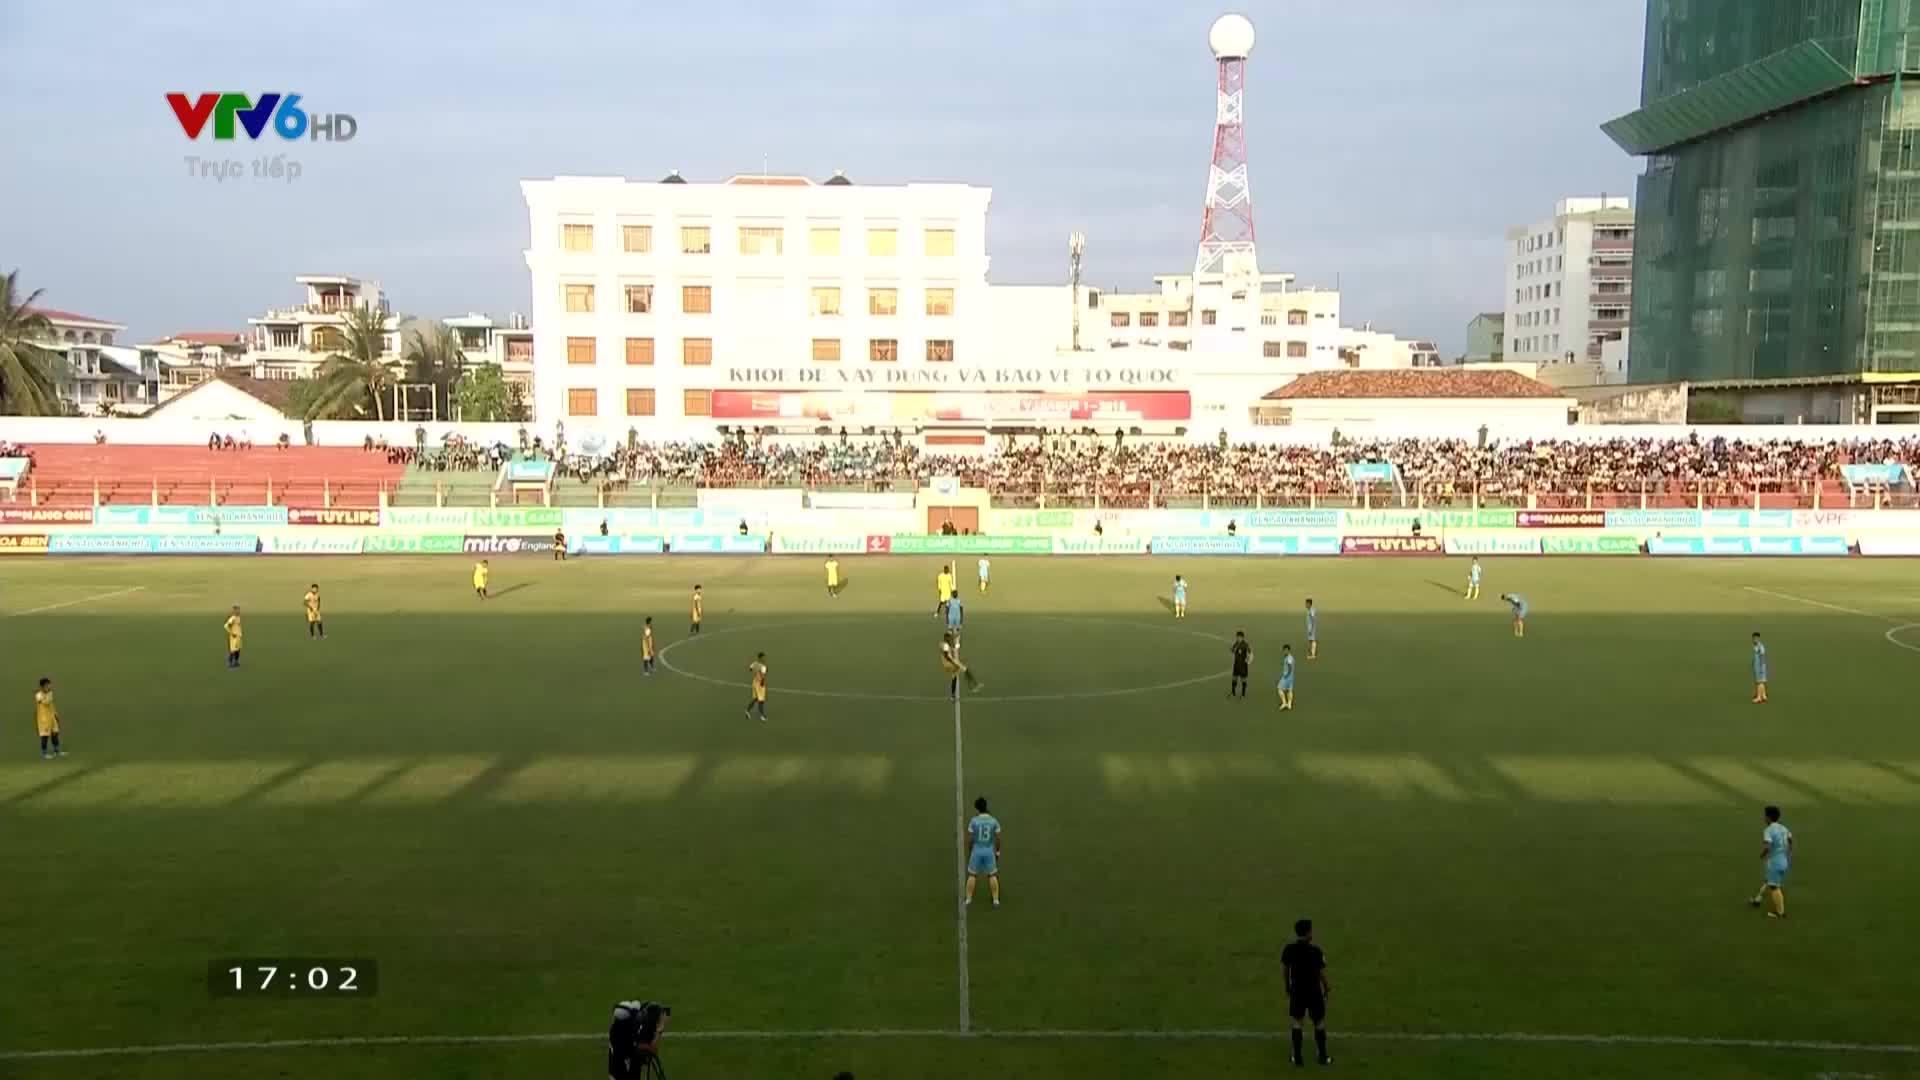 Trực tiếp:Khánh Hòa - Thanh Hóa